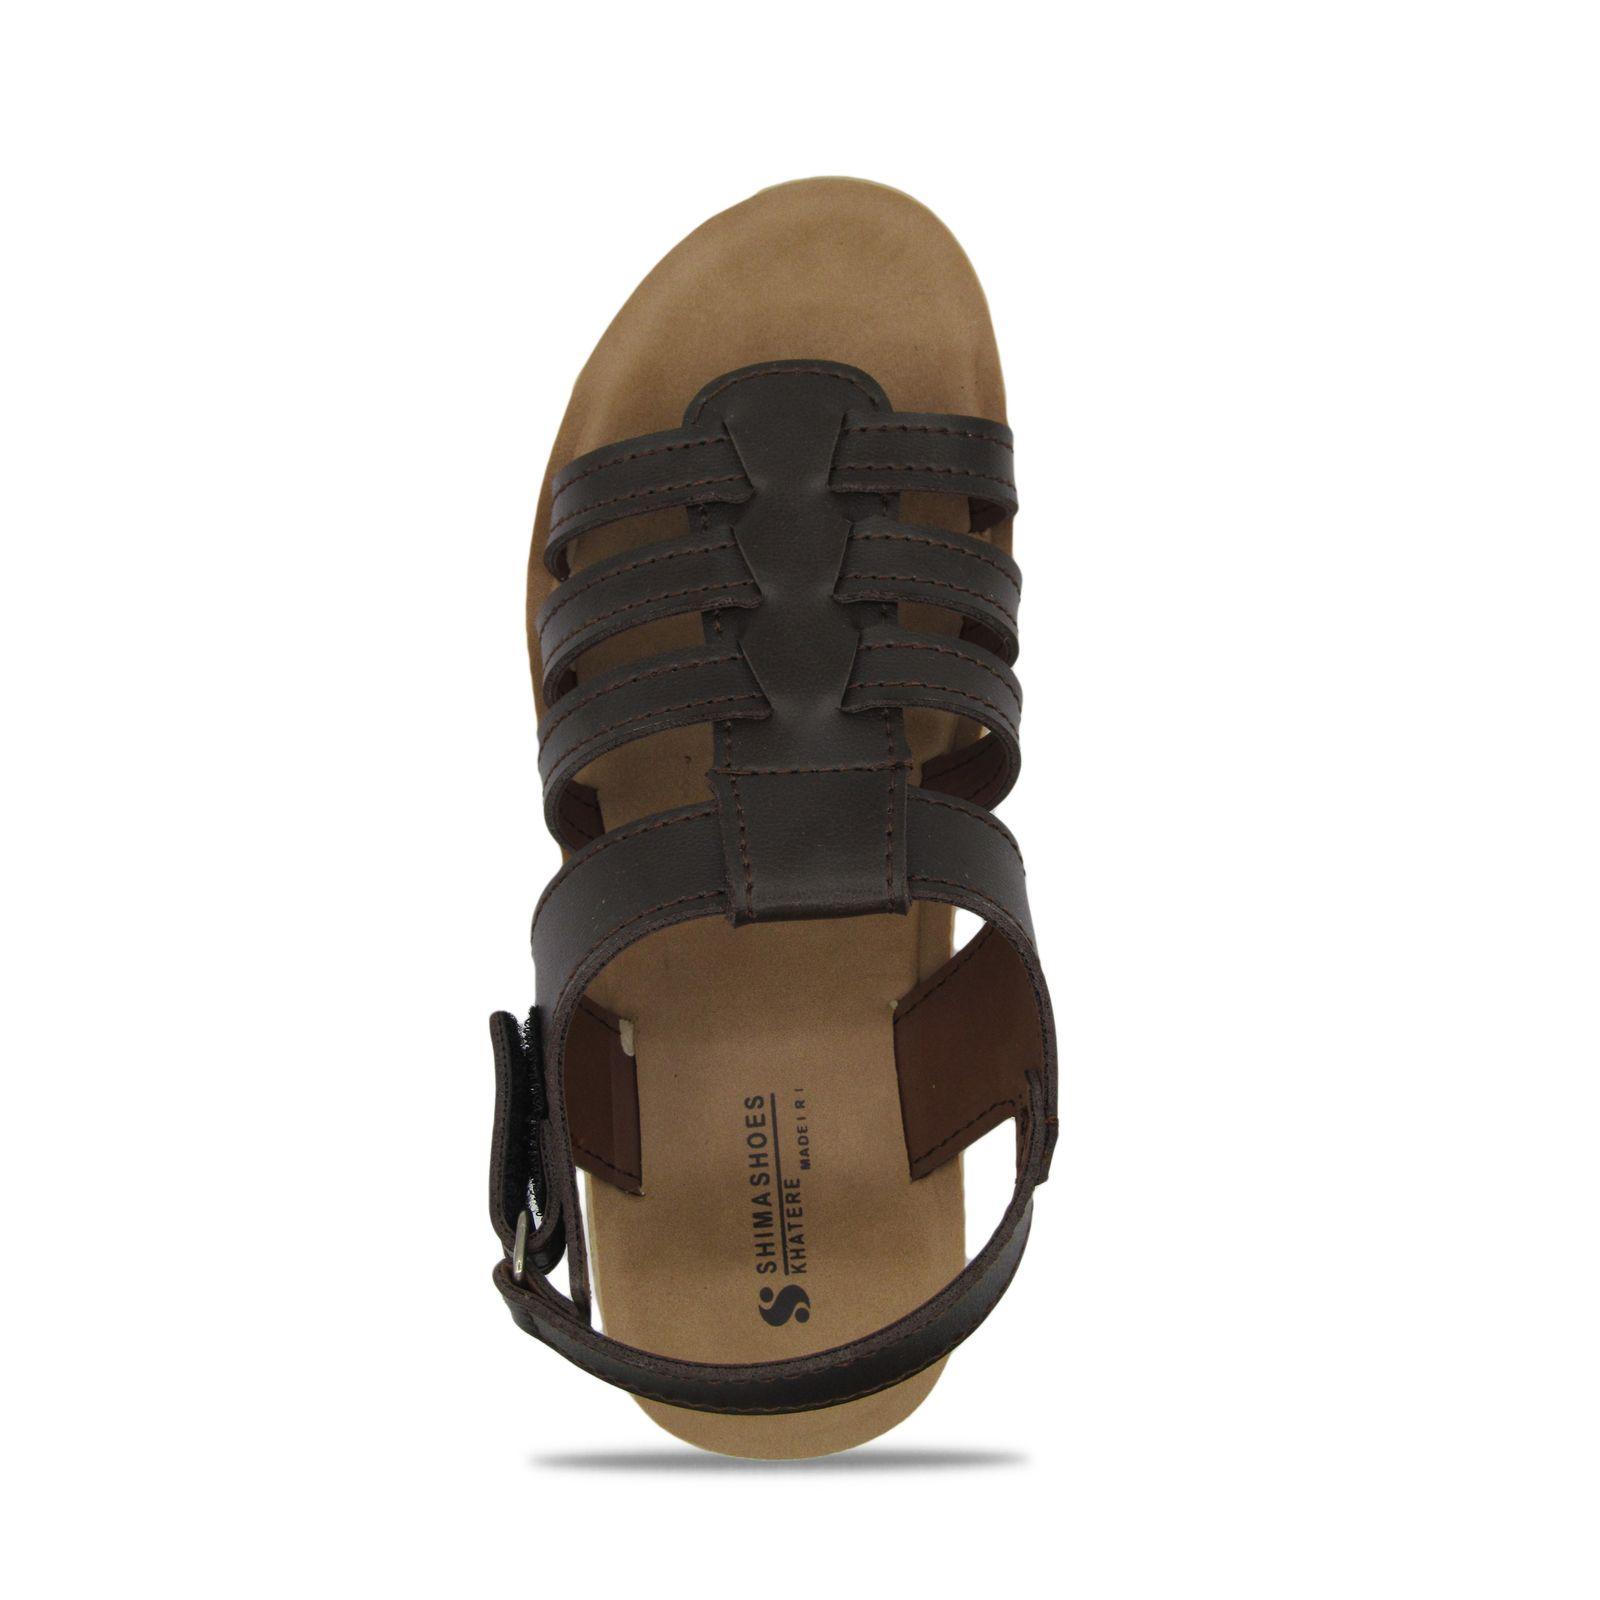 صندل دخترانه کفش شیما مدل خاطره کد 1800 -  - 5